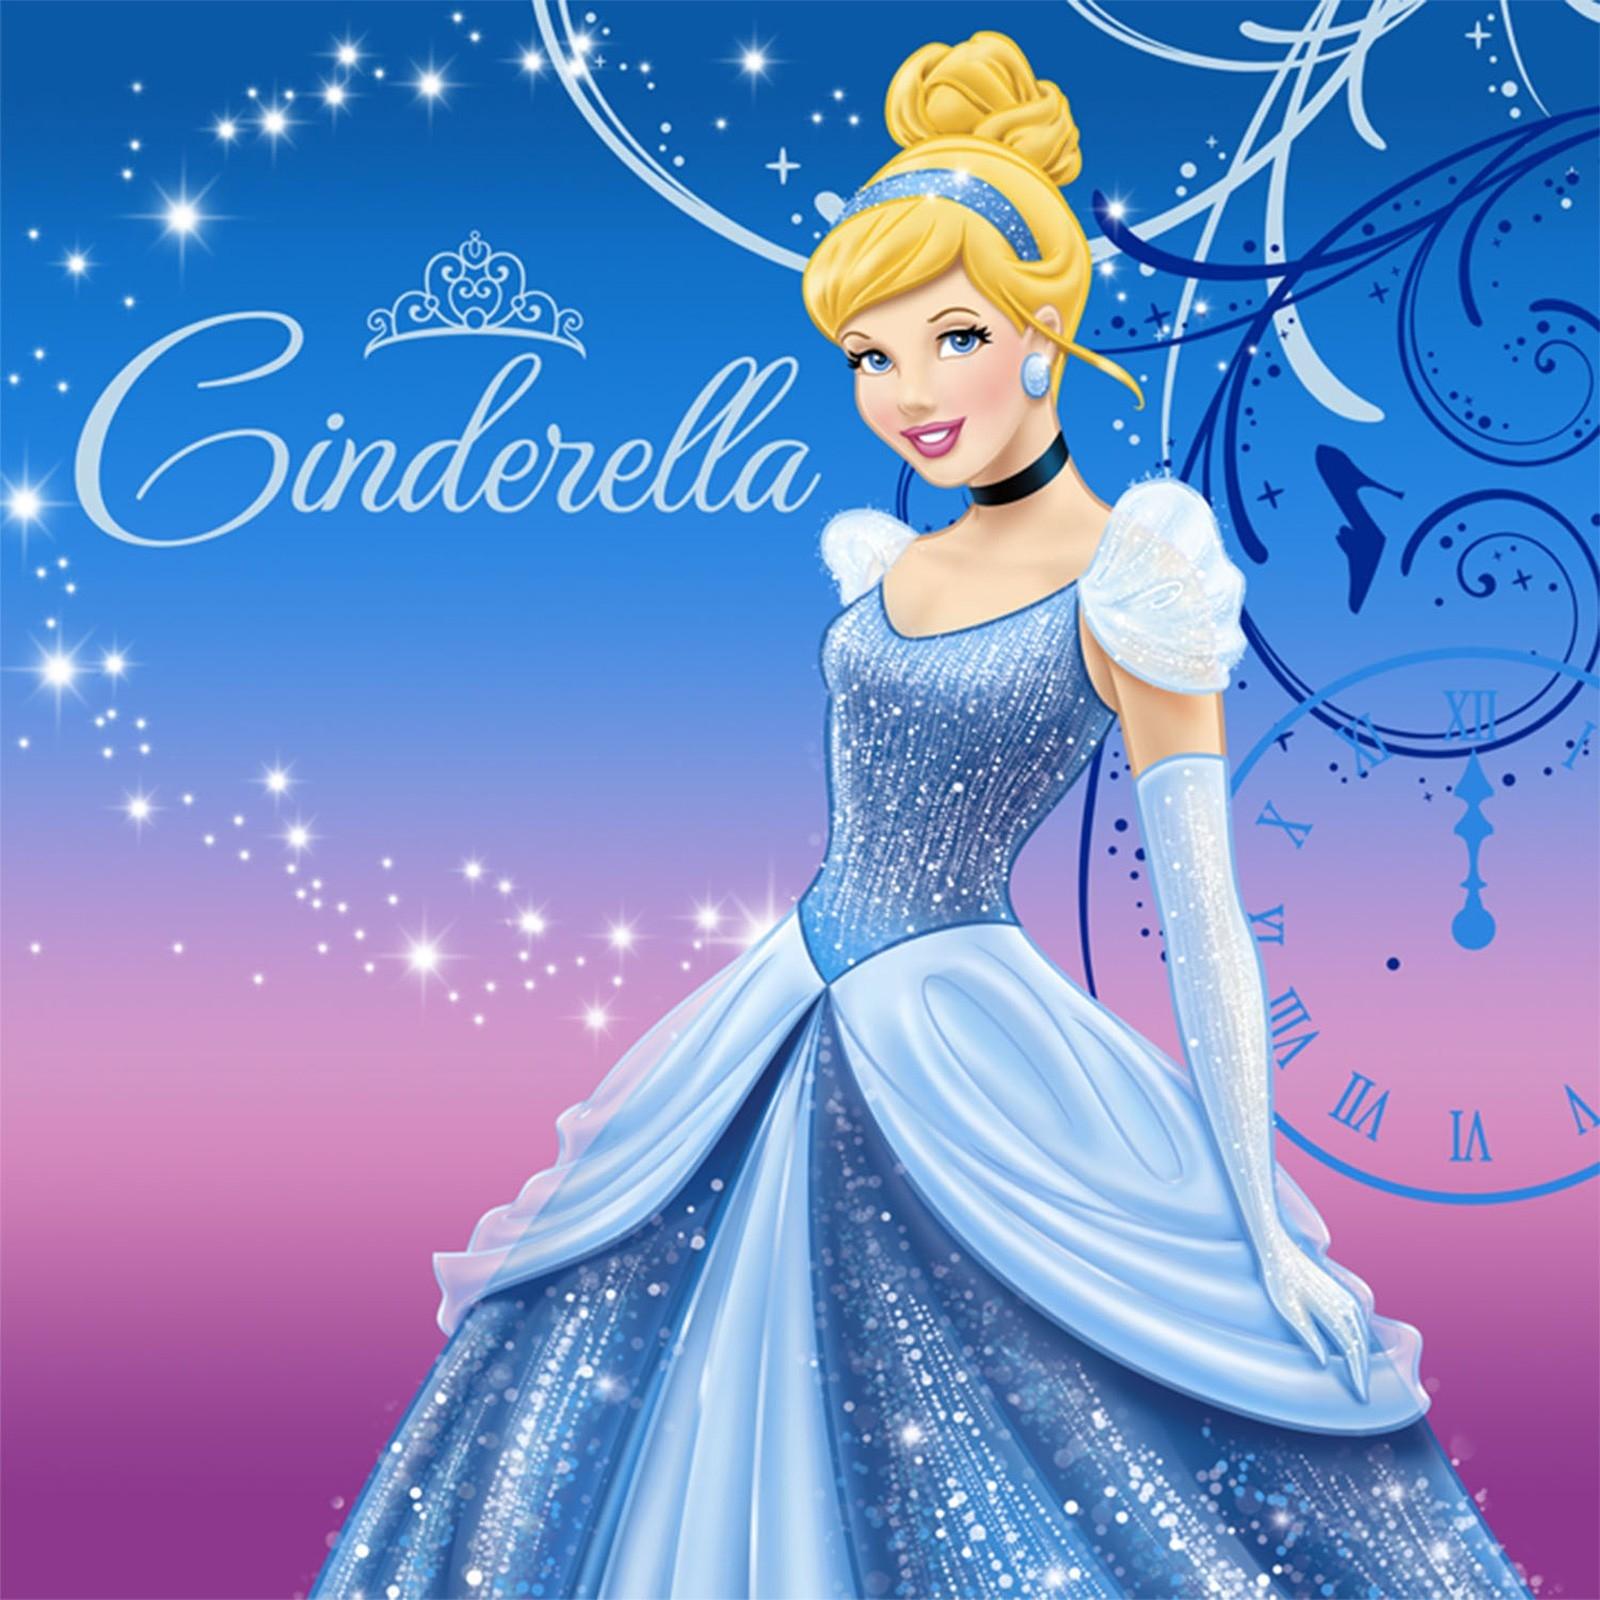 Disney cinderella princess free hd wallpaper disney cinderella princess hd desktop wallpaper altavistaventures Gallery